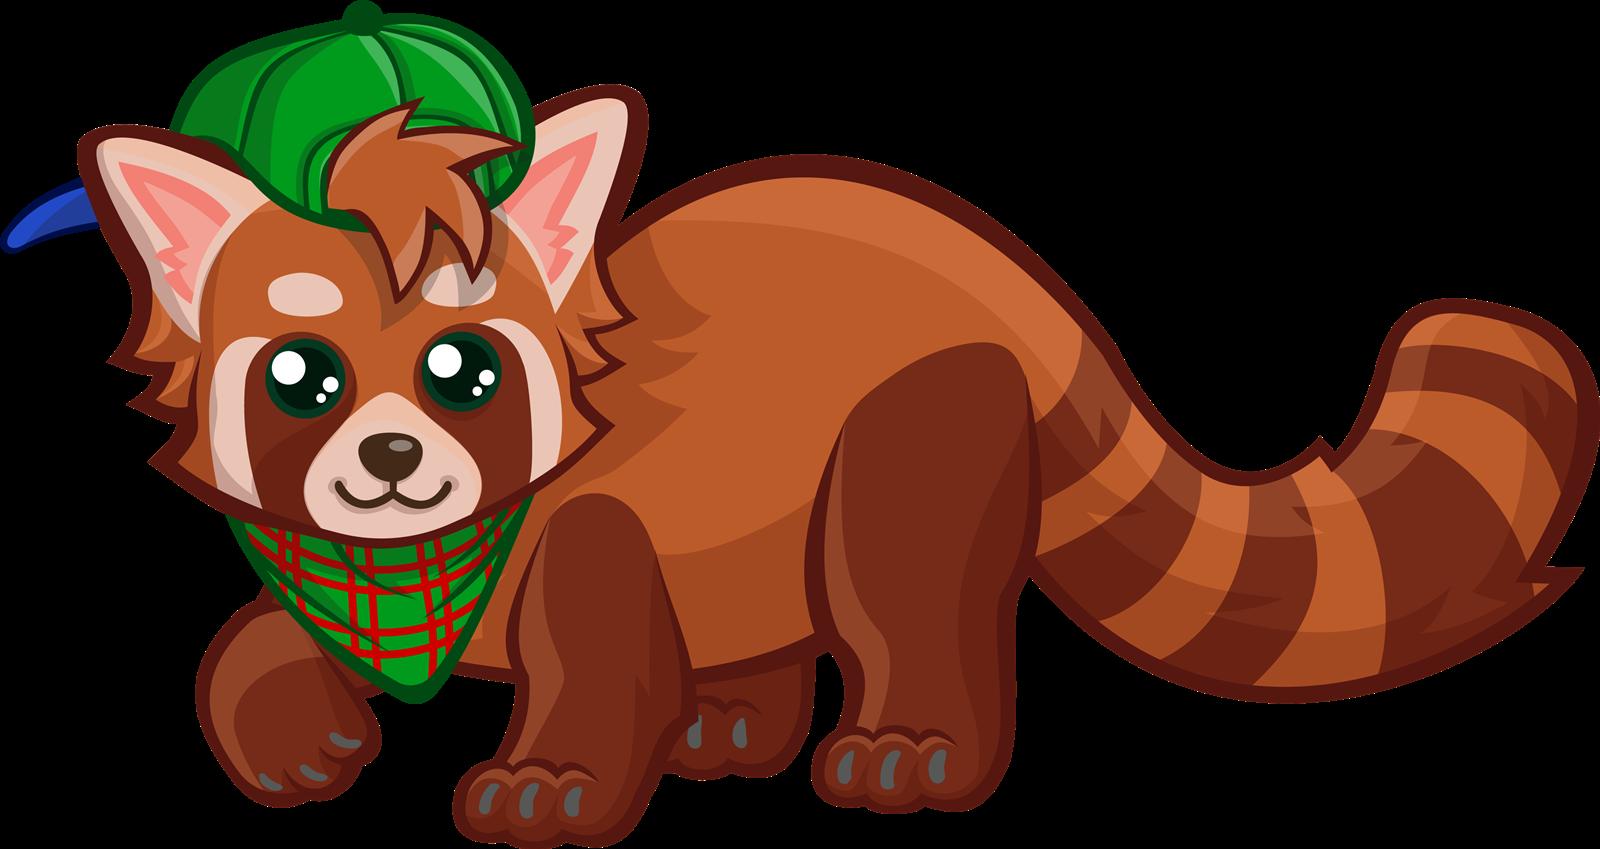 Free cute red panda clip art